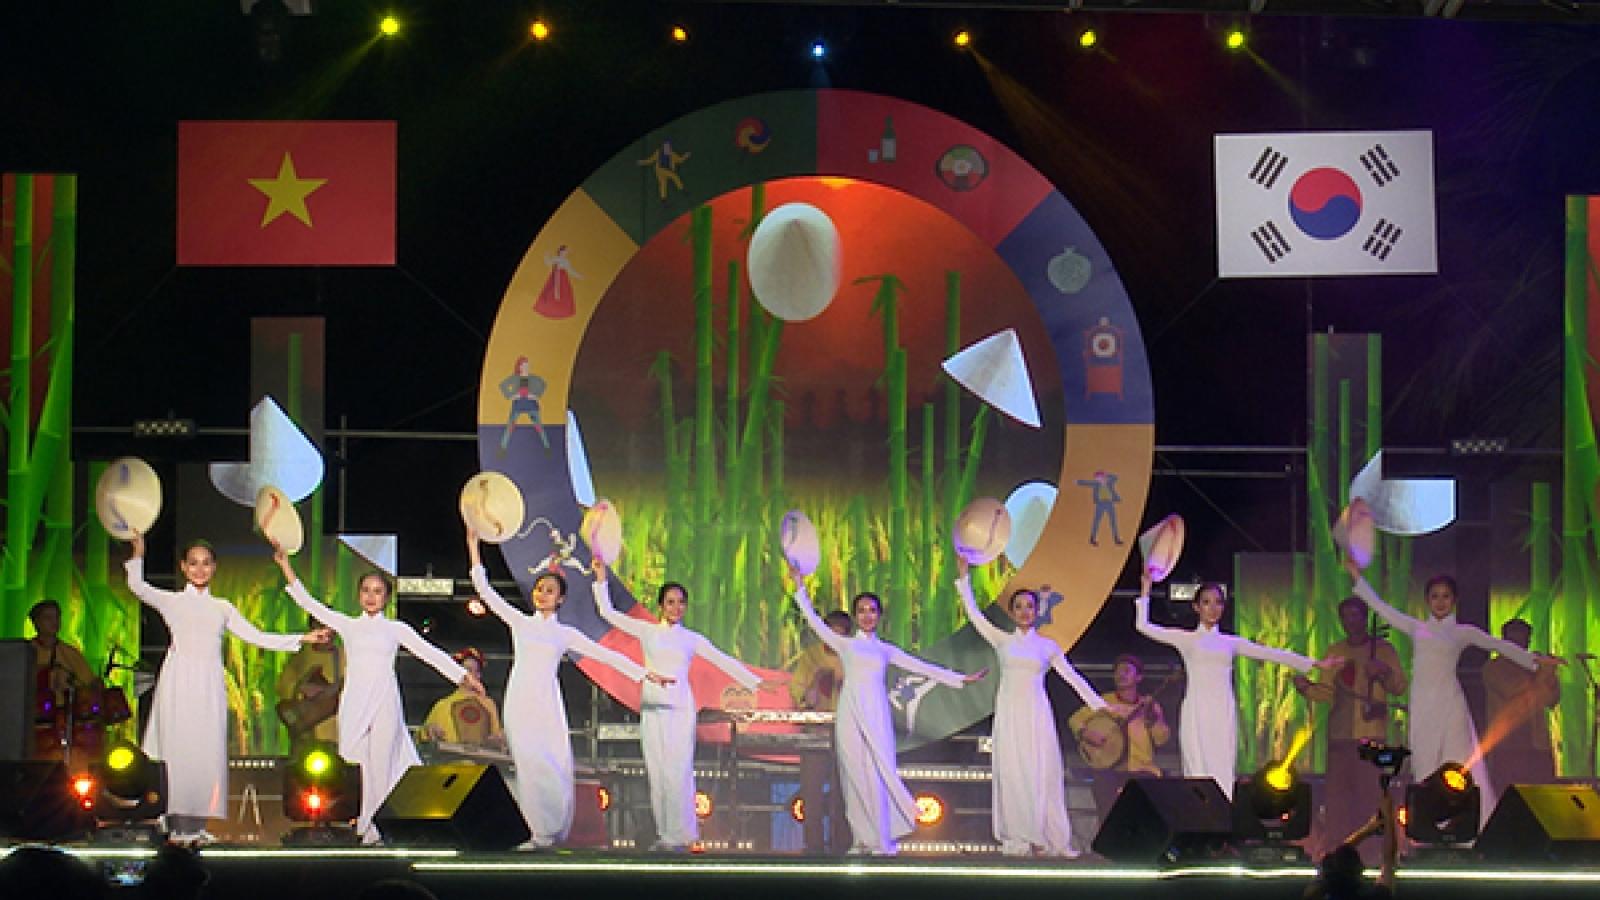 Ngày Văn hoá Hàn Quốc 2020 tổ chức tại Sapa